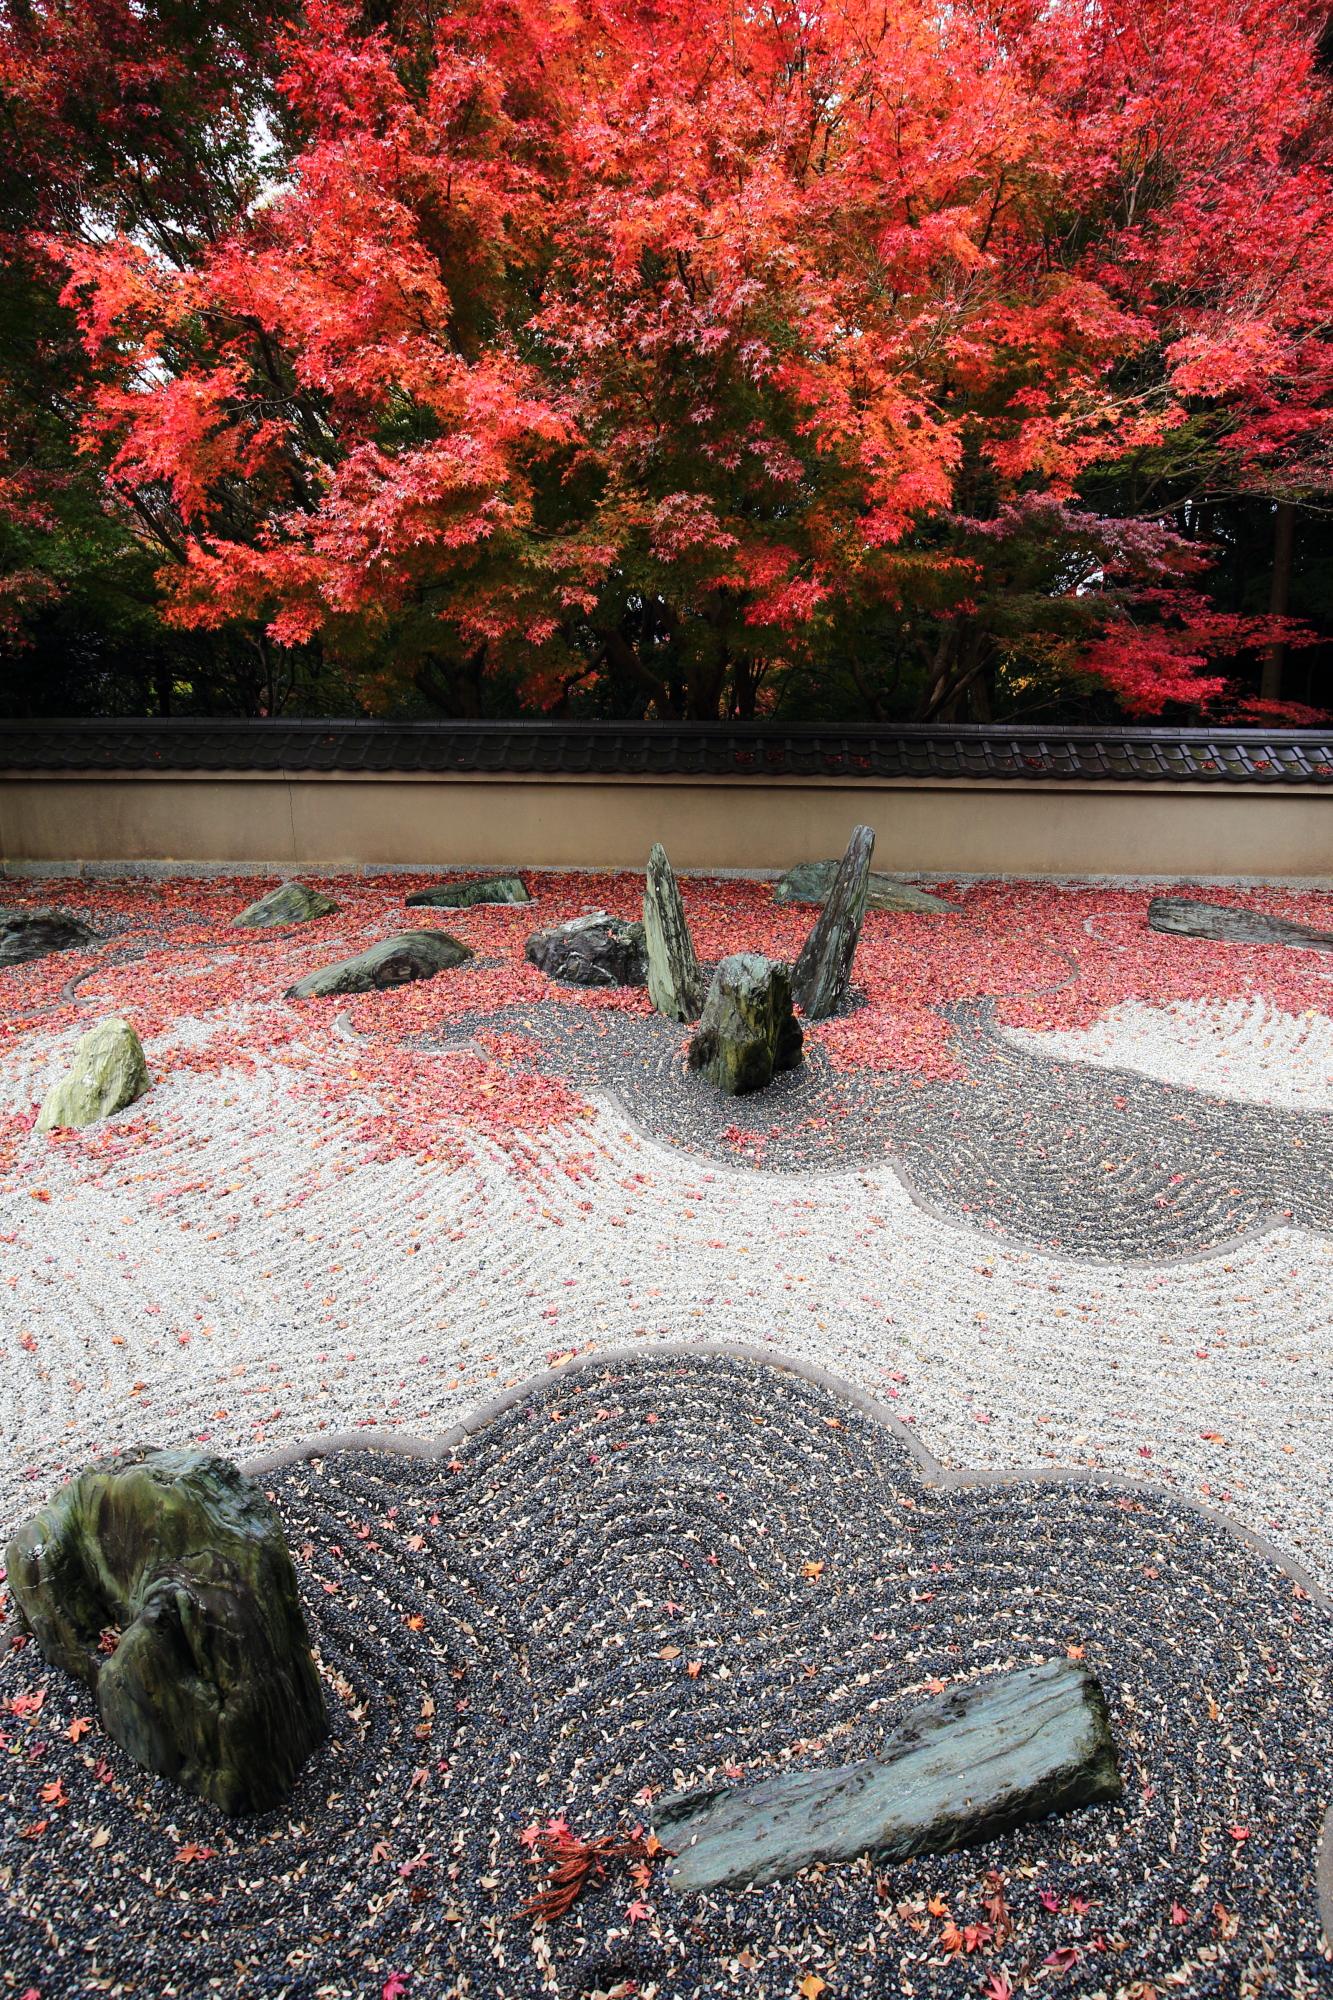 りょうぎんあん 紅葉 しげもりみれい 龍の庭 西庭 龍吟庵 秋